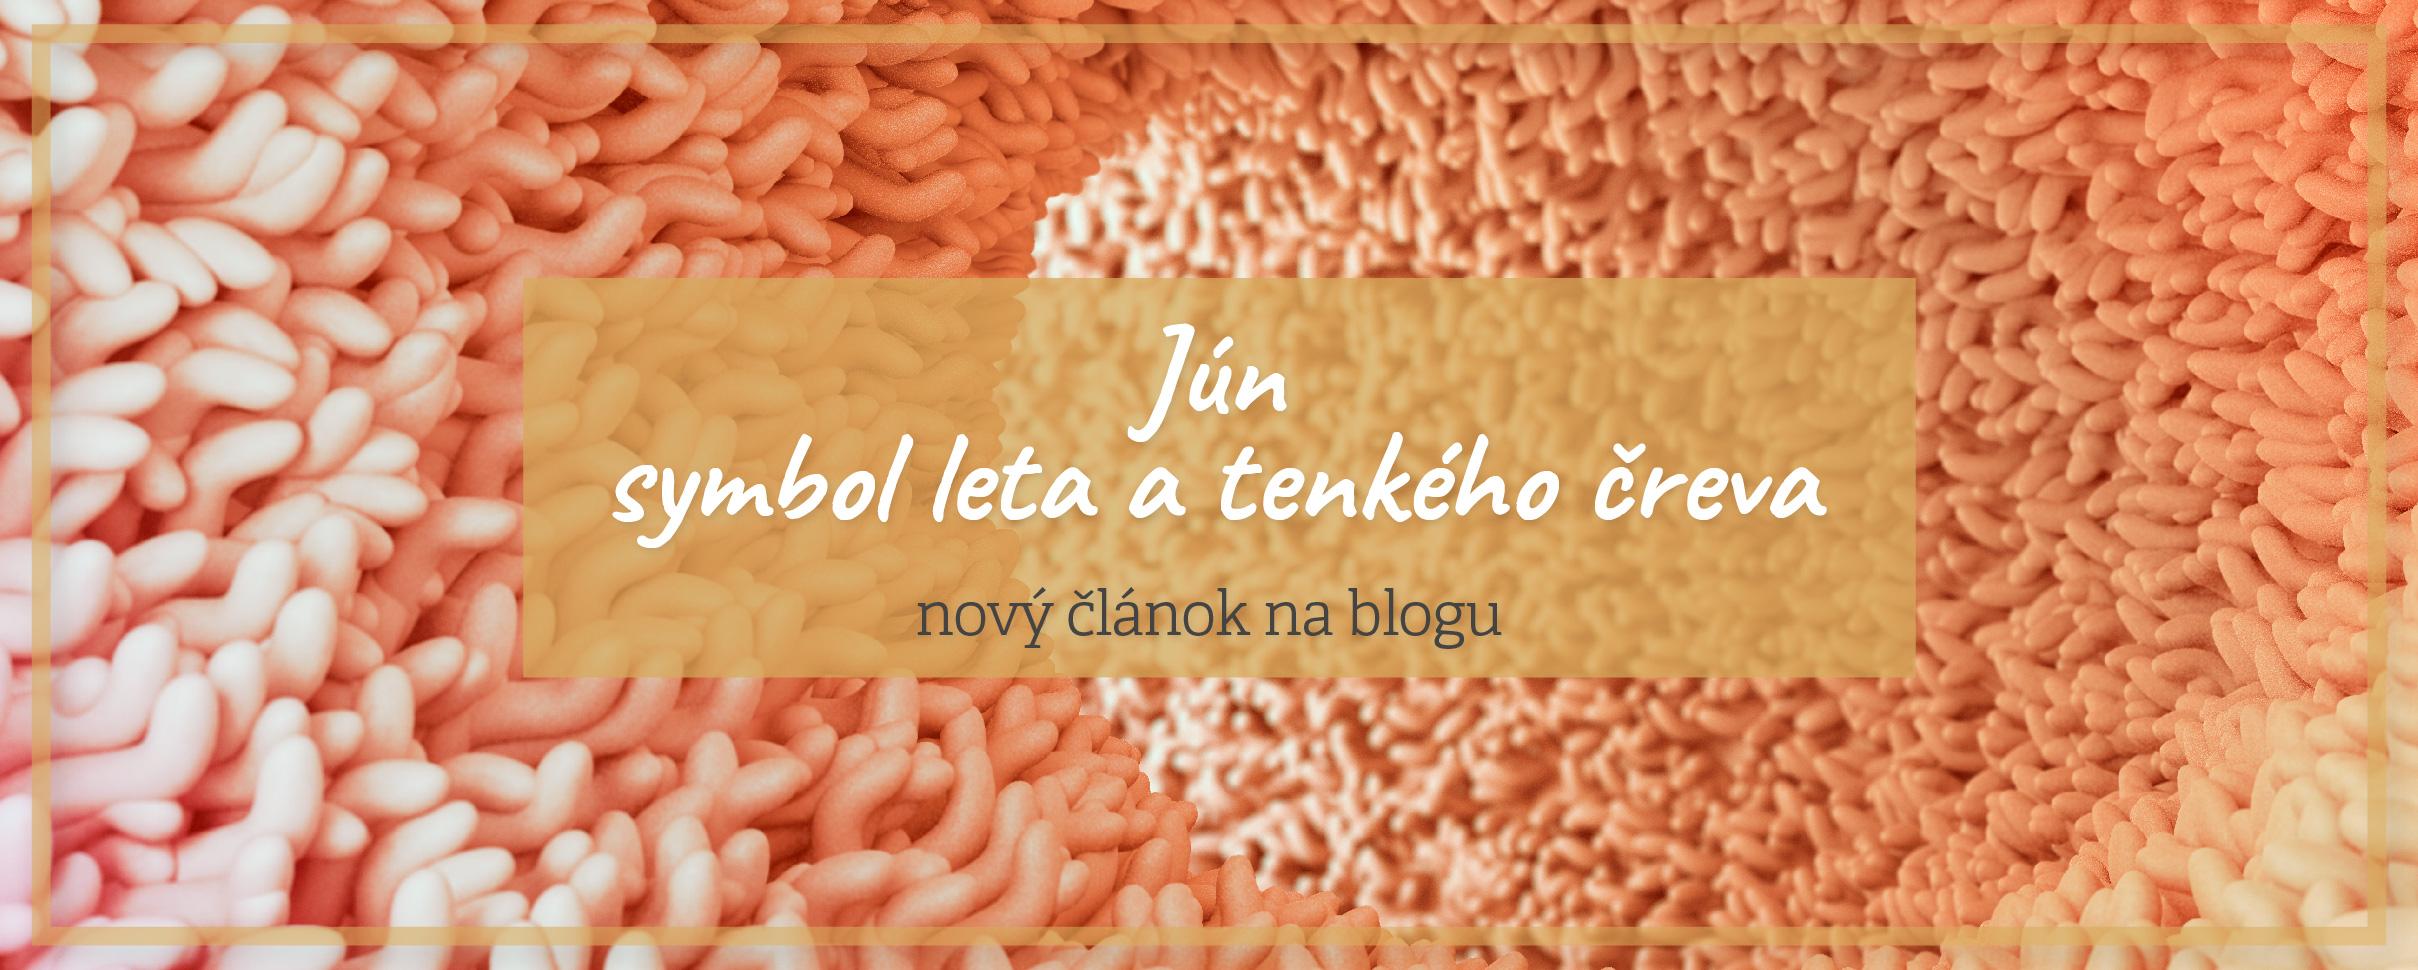 Blog tenké črevo zdravie